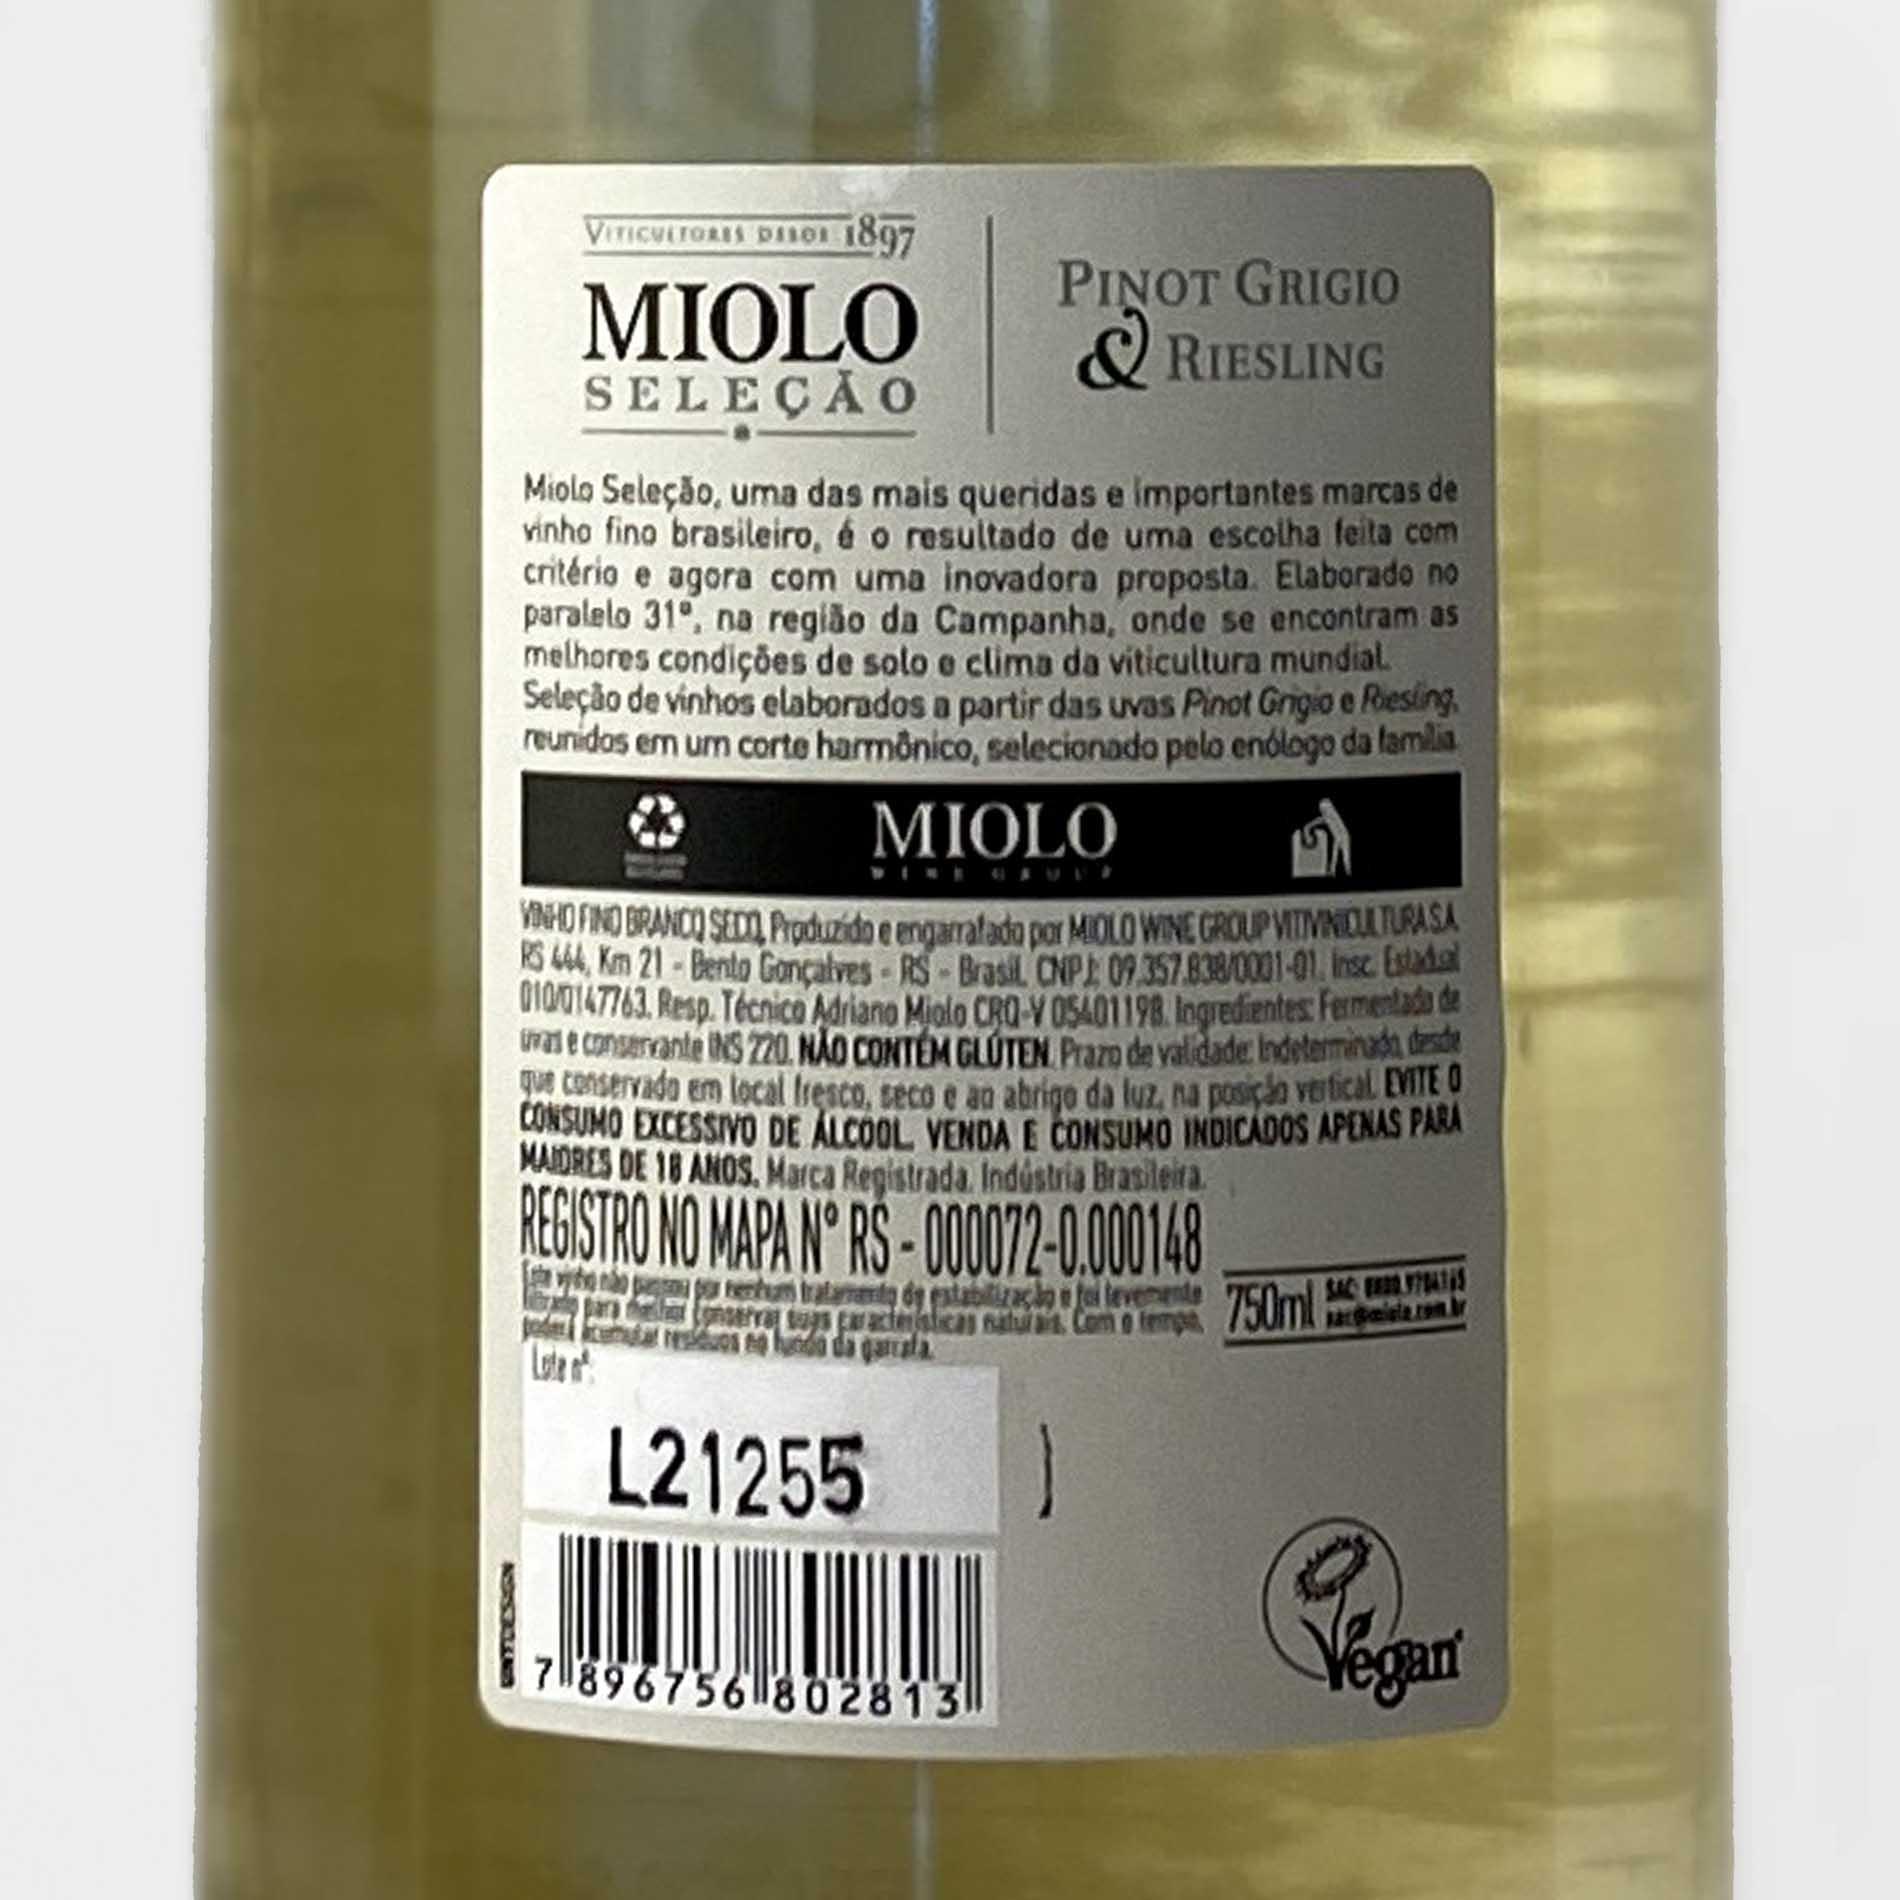 Miolo Seleção Pinot Grigio e Riesling  - Vinerize